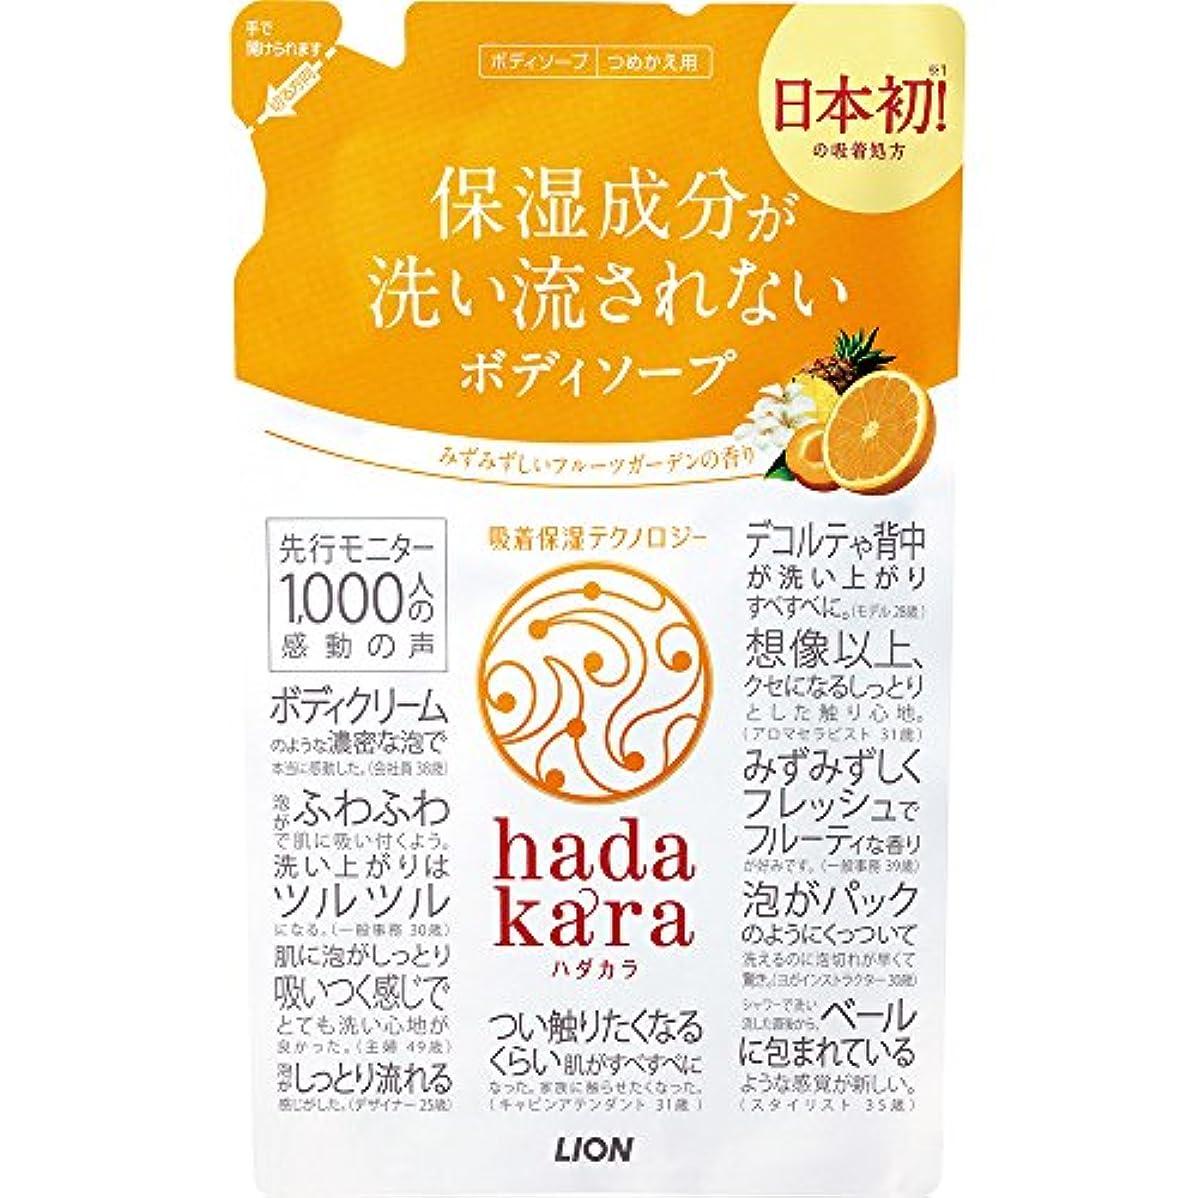 一元化する上にとは異なりhadakara(ハダカラ) ボディソープ フルーツガーデンの香り 詰め替え 360ml